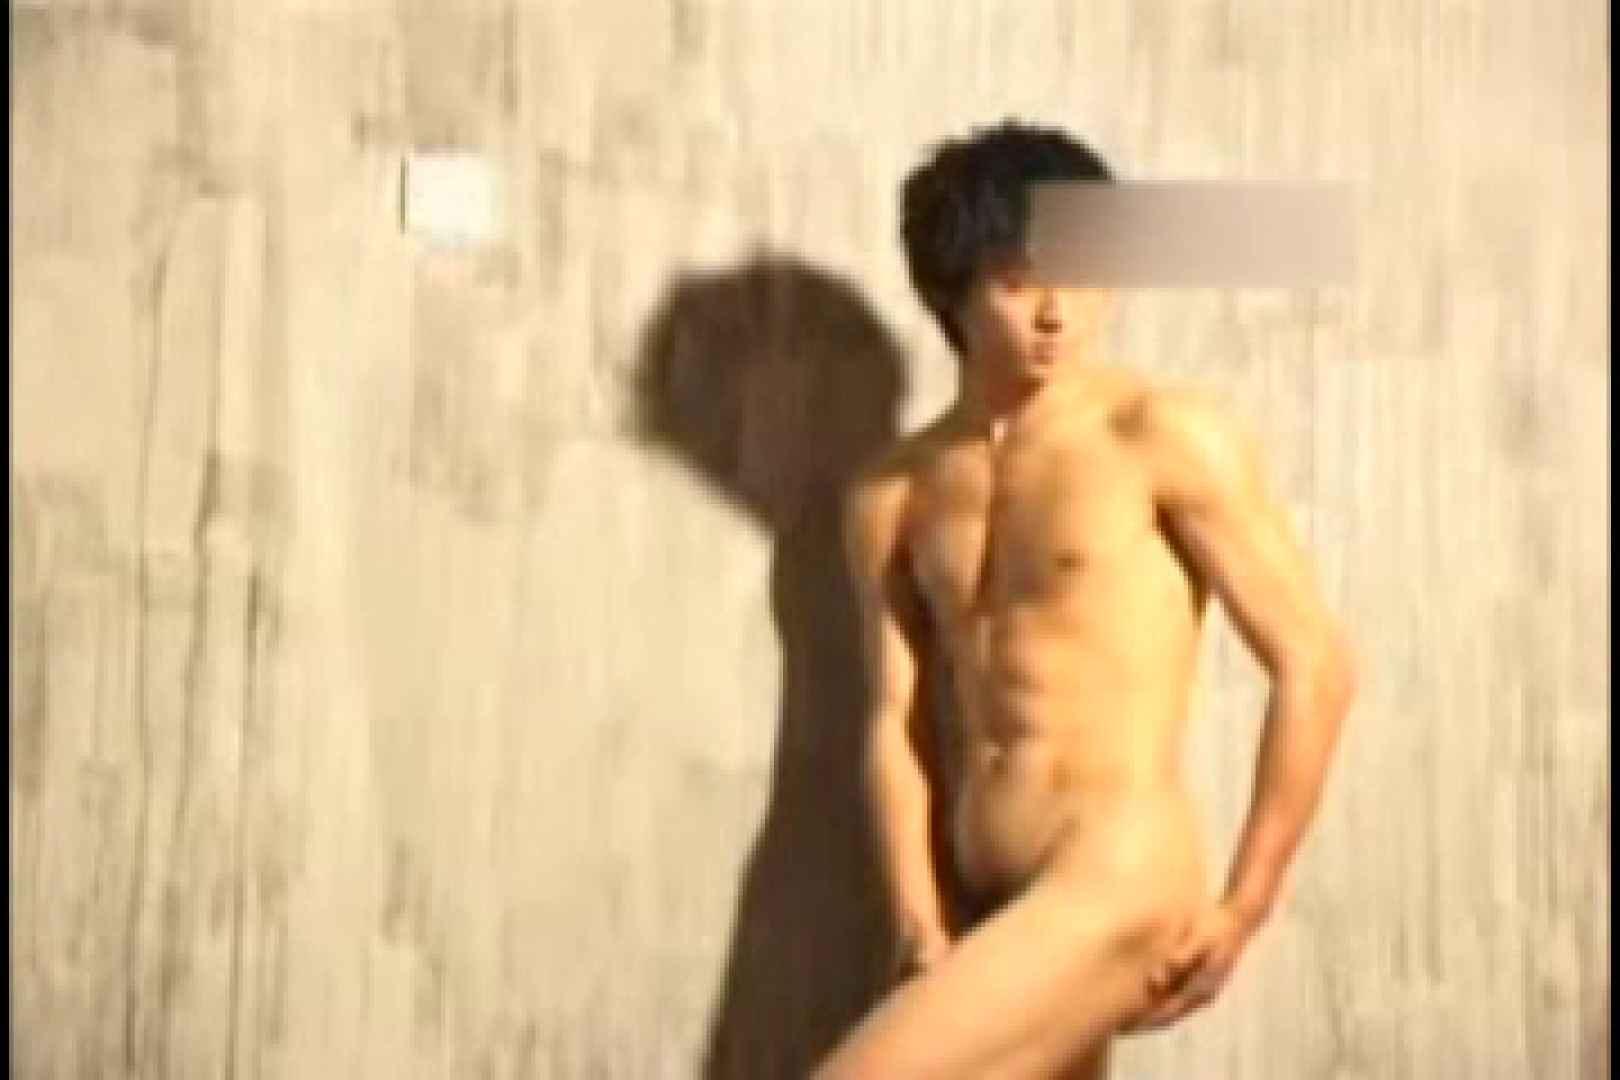 流出!!中出スーパーモデルya● jin hao イケメンたち | ヌード  74枚 49